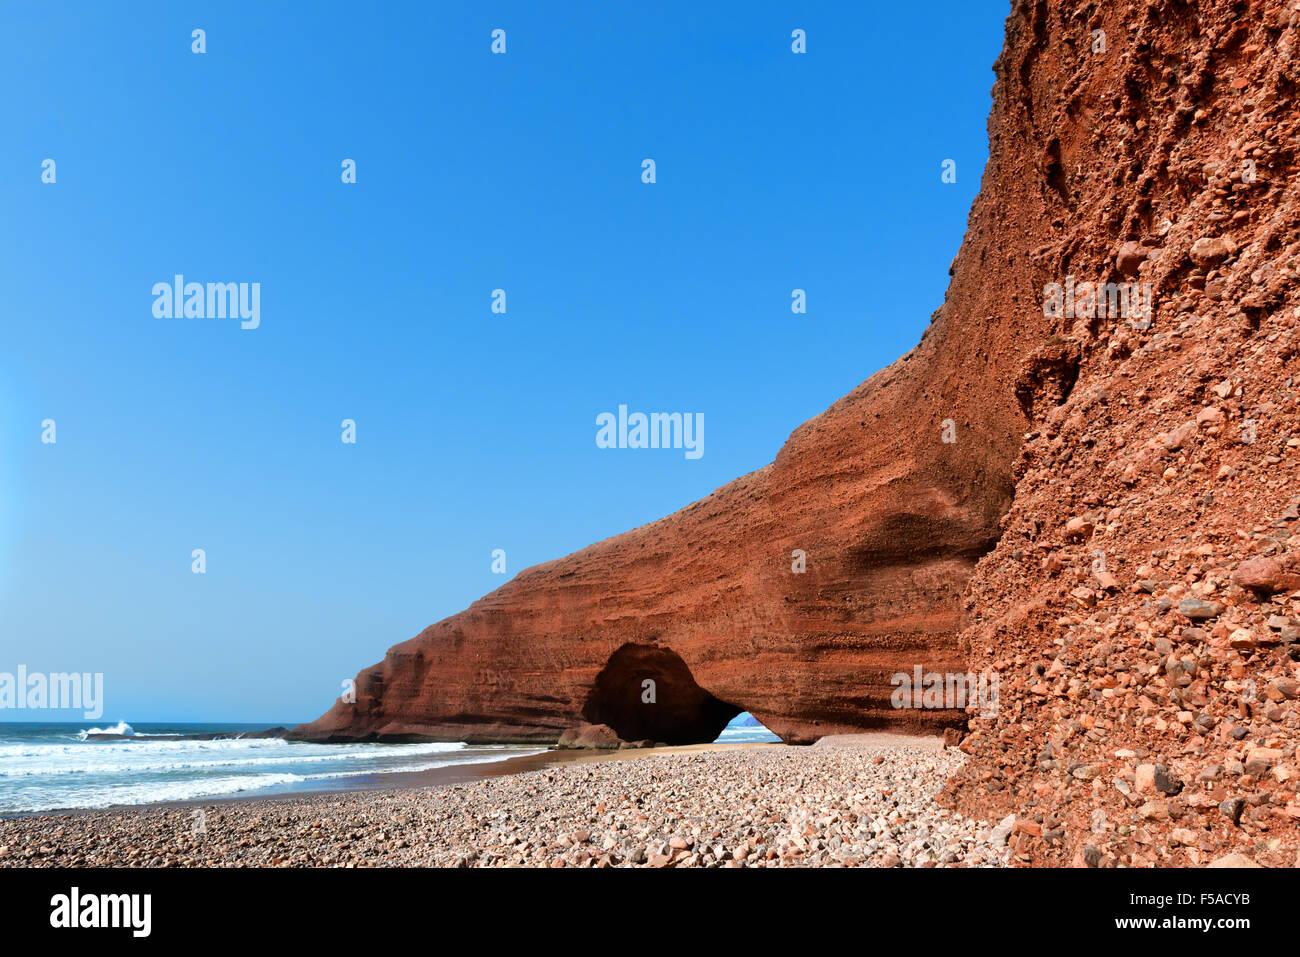 Meer getragen Naturstein Torbögen gegen strahlend blauen Himmel am Strand von Legzira, Marokko. Stockbild